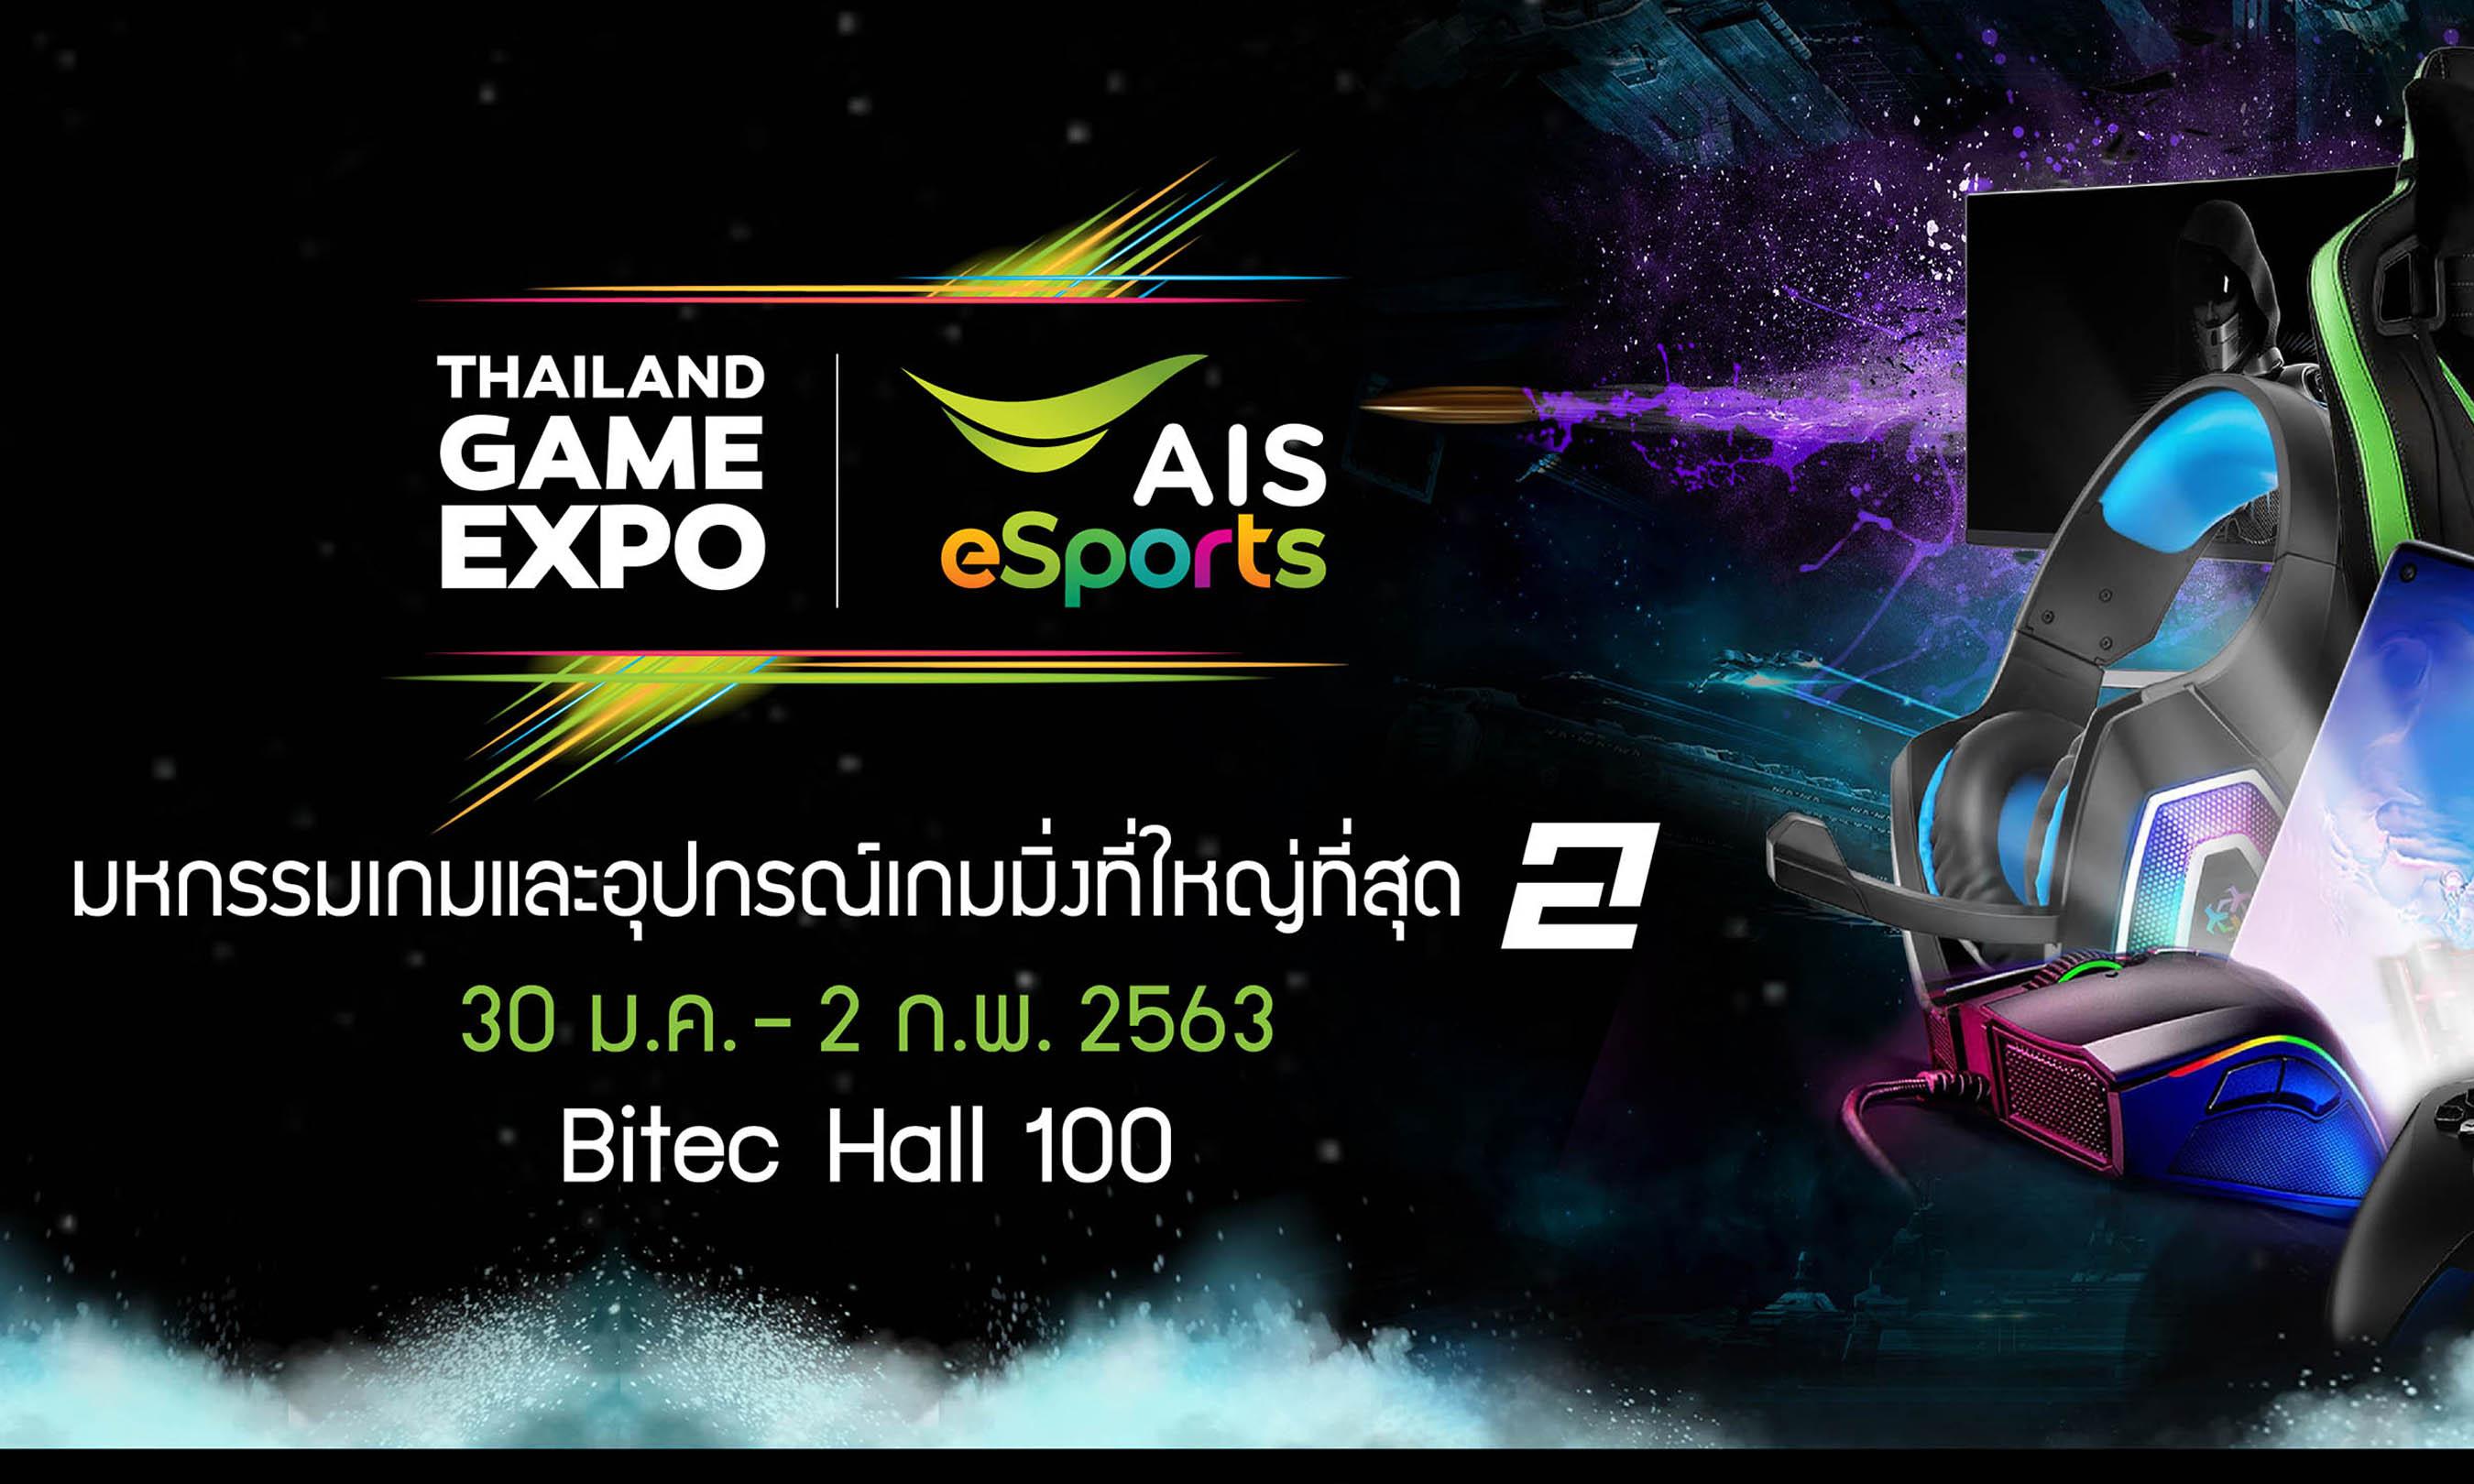 AIS ผนึก M Vision ระเบิดความมันส์จัด Thailand Game Expo by AIS eSports ครั้งที่ 2